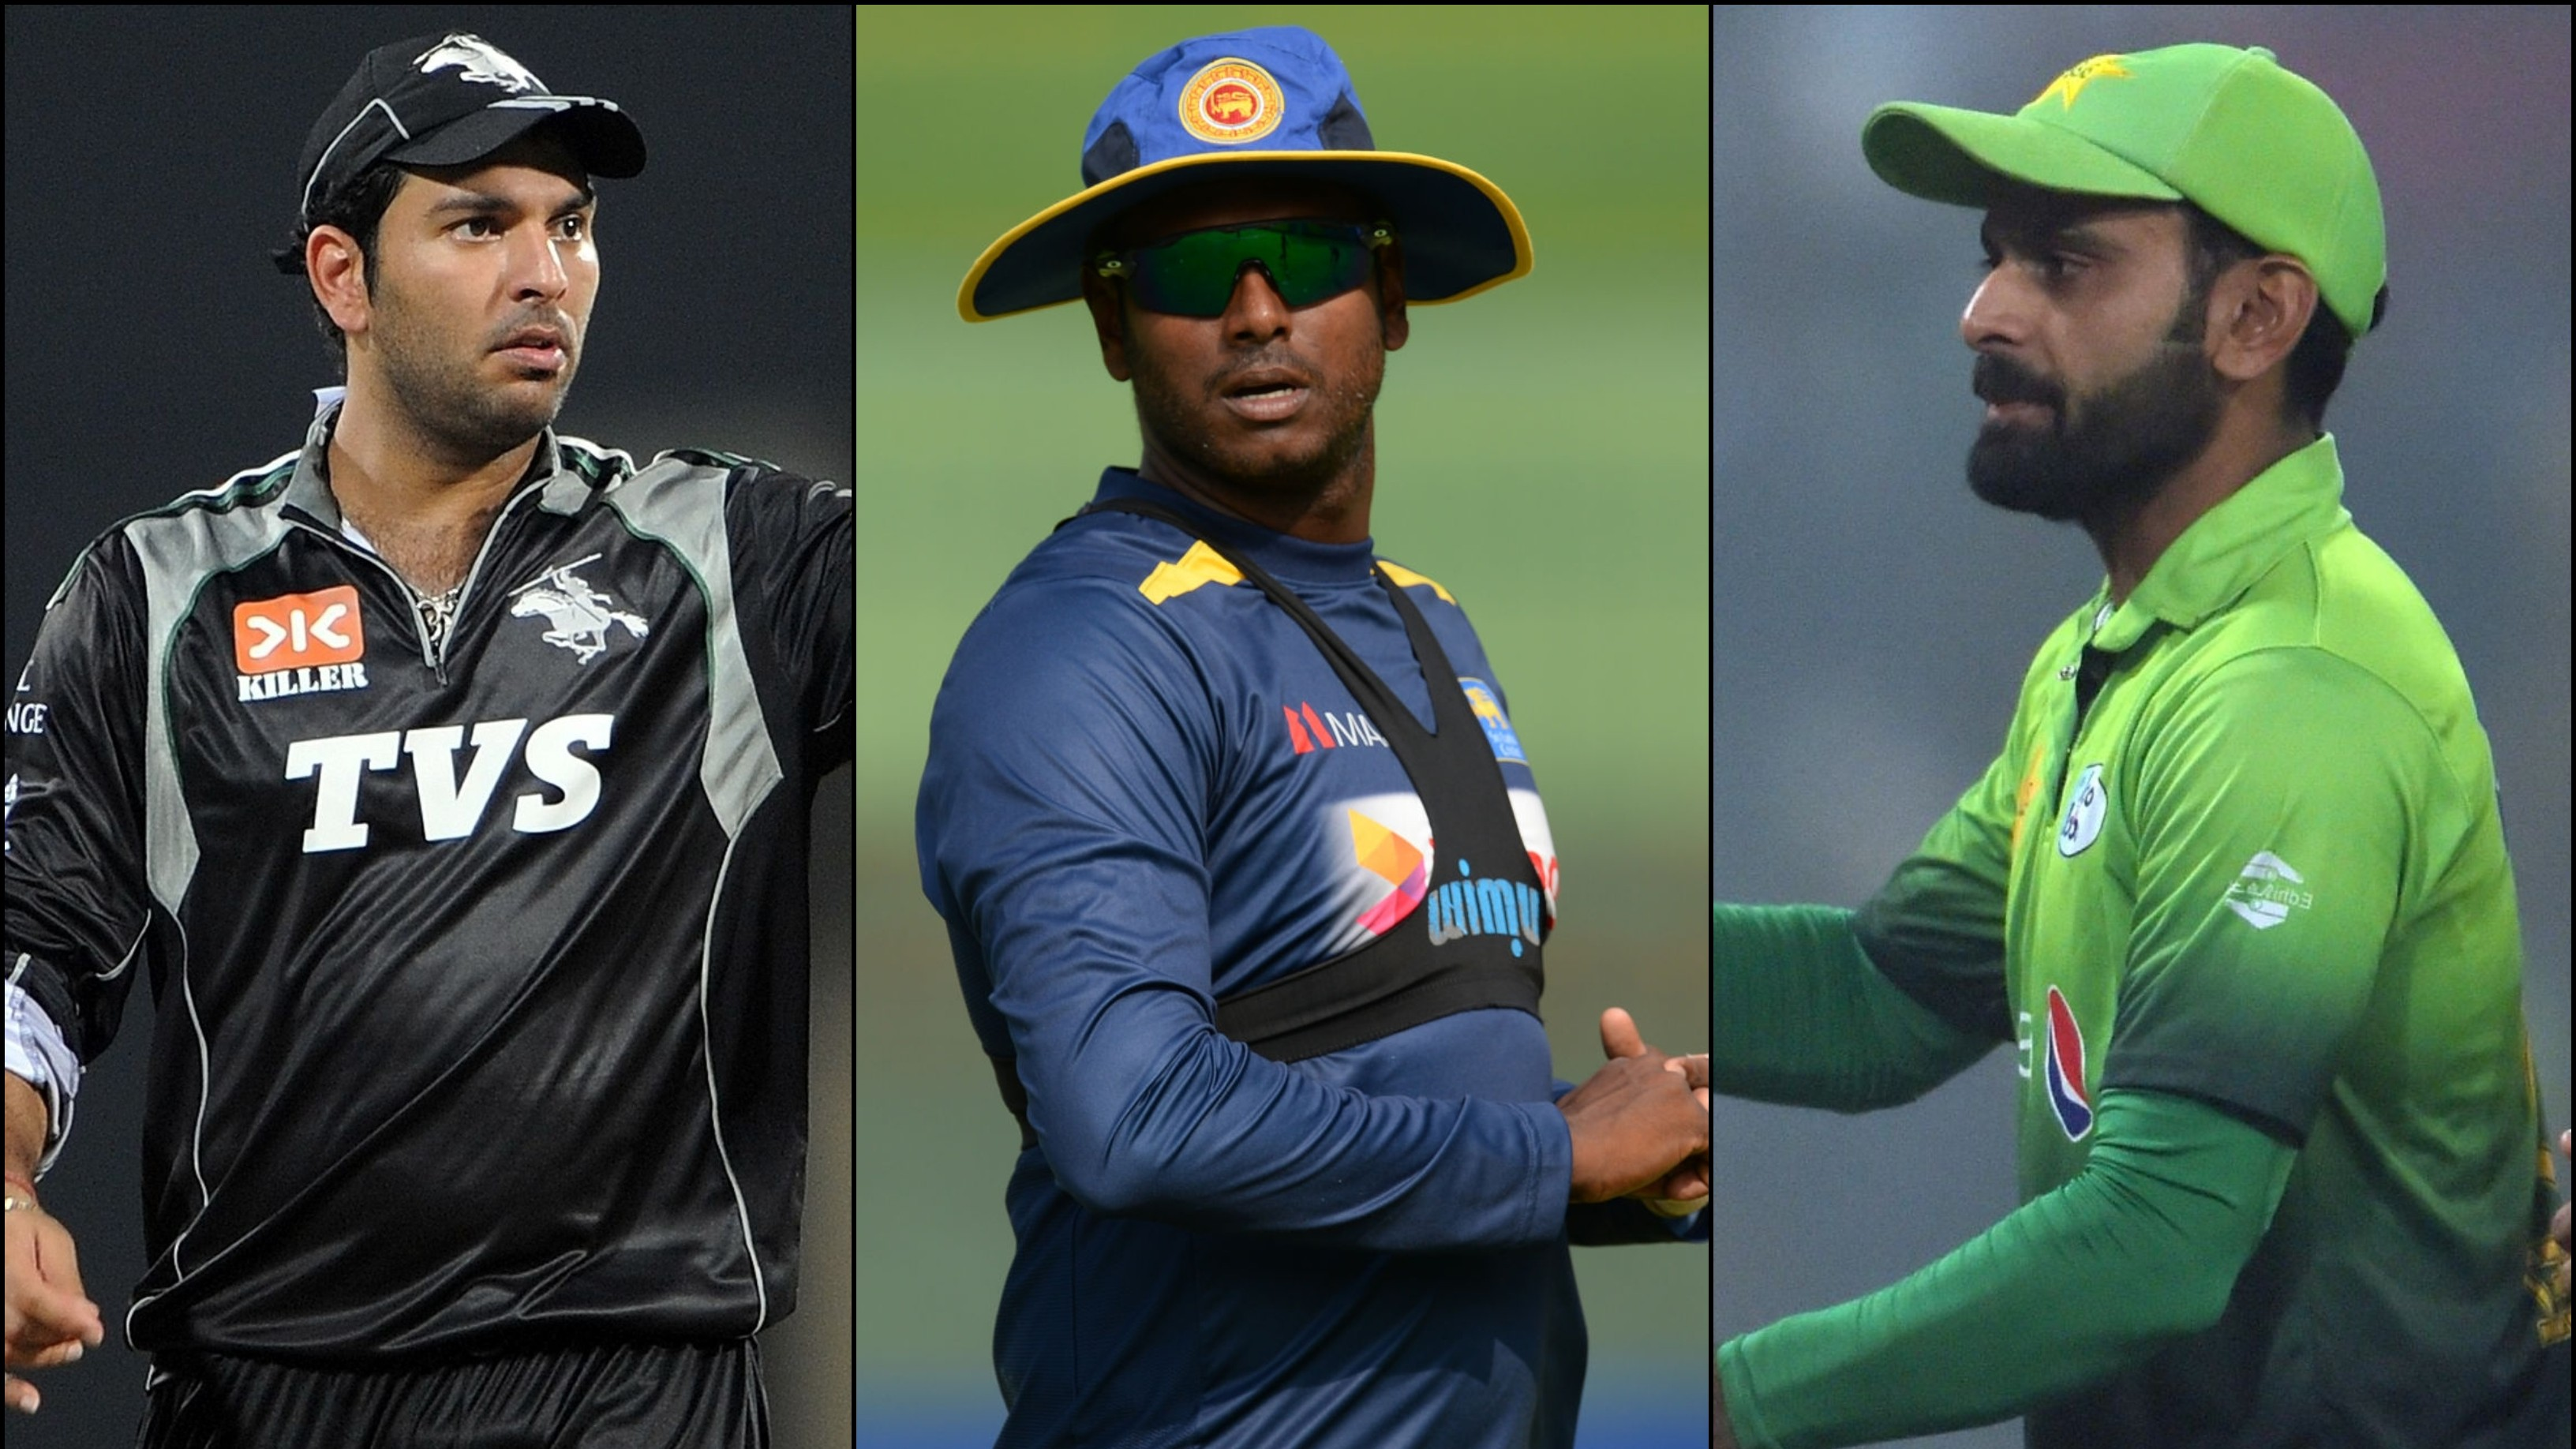 कतर टी-10 लीग में खेलते नजर आ सकते है युवराज सिंह, मोहम्मद हफीज और एंजेलो मैथ्यूज जैसे अंतर्राष्ट्रीय क्रिकेटर